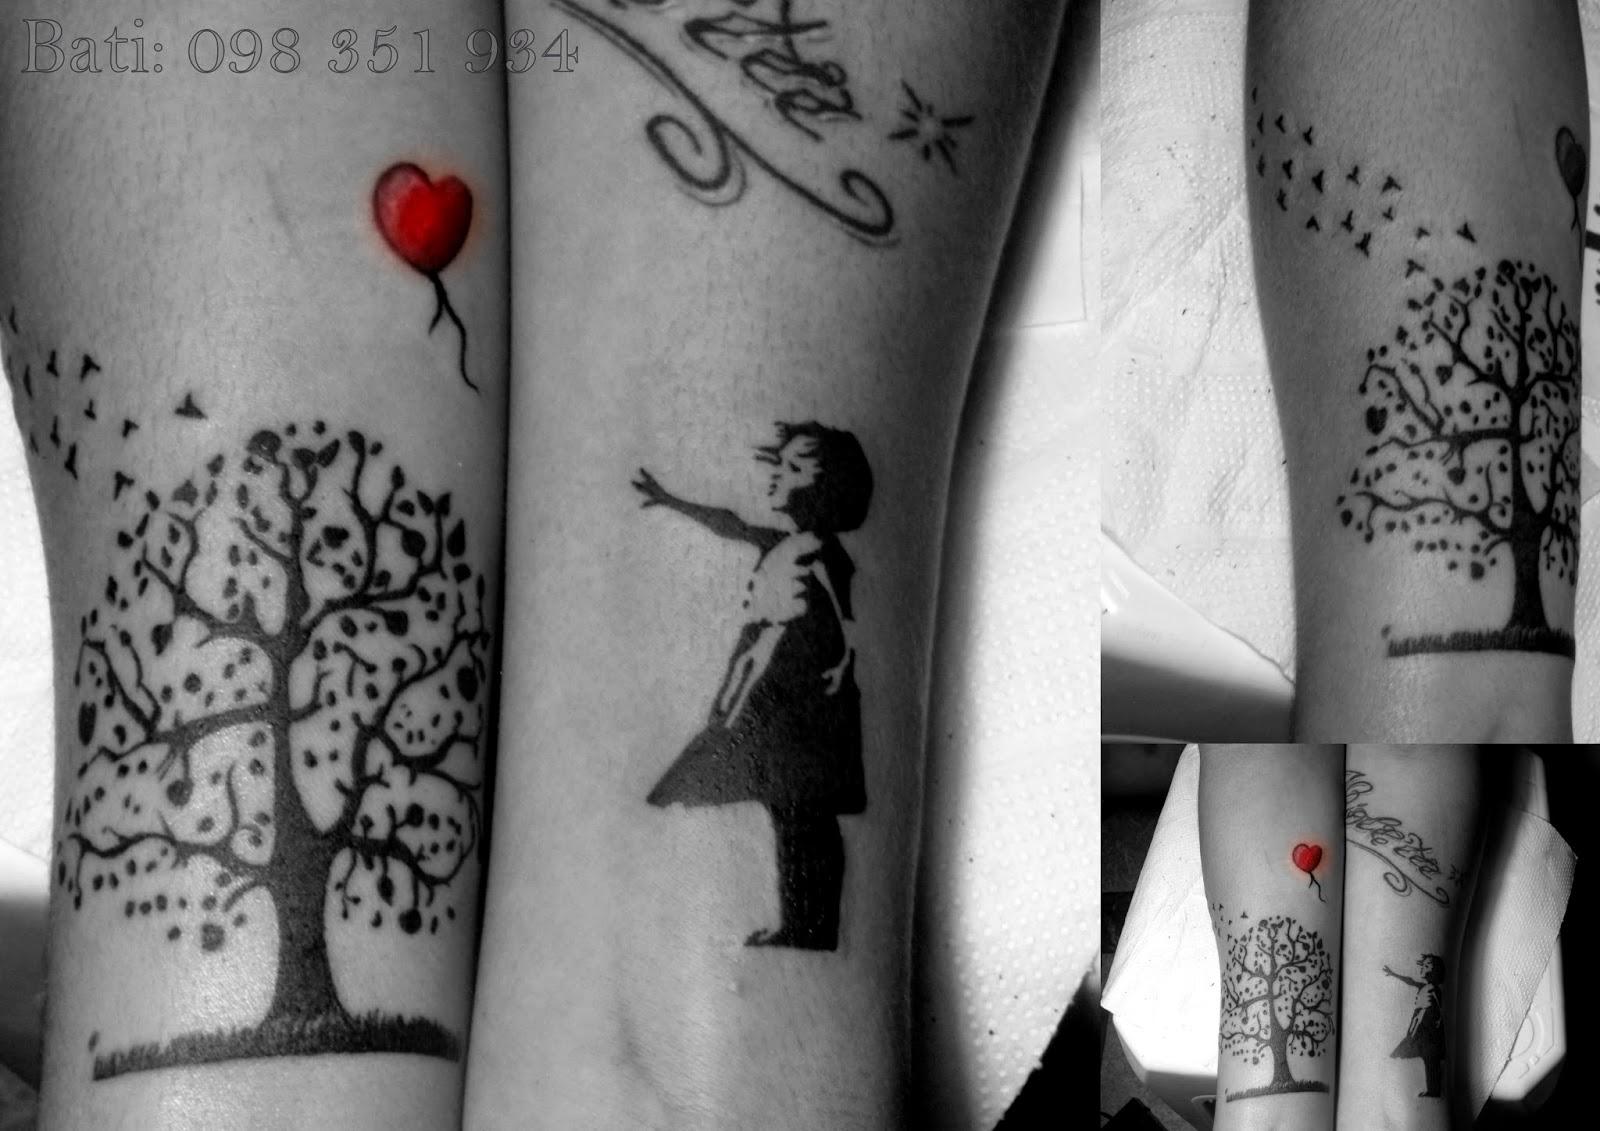 Henrys Batista : Tatuaje Banksy